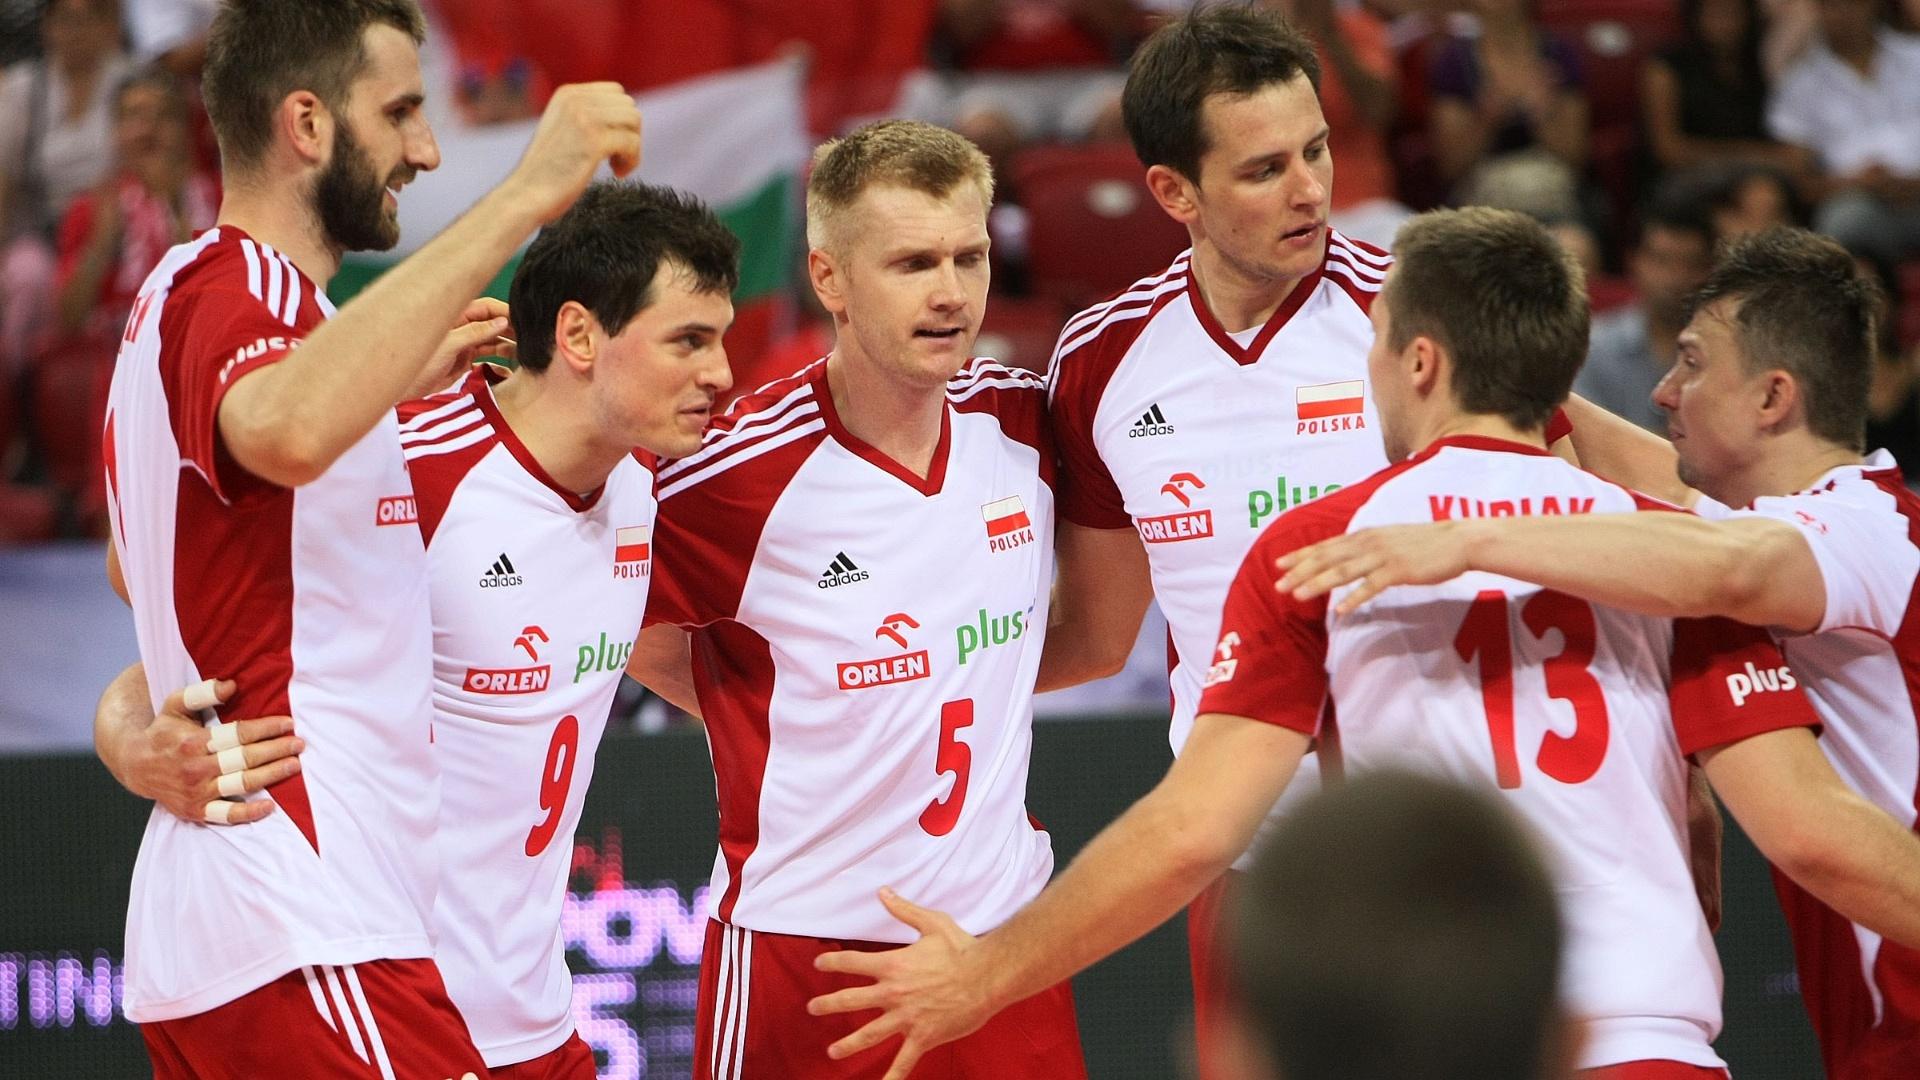 Jogadores da Polônia comemoram um ponto na vitória por 3 sets a 2 sobre o Brasil pela Liga Mundial (05/07/2012)